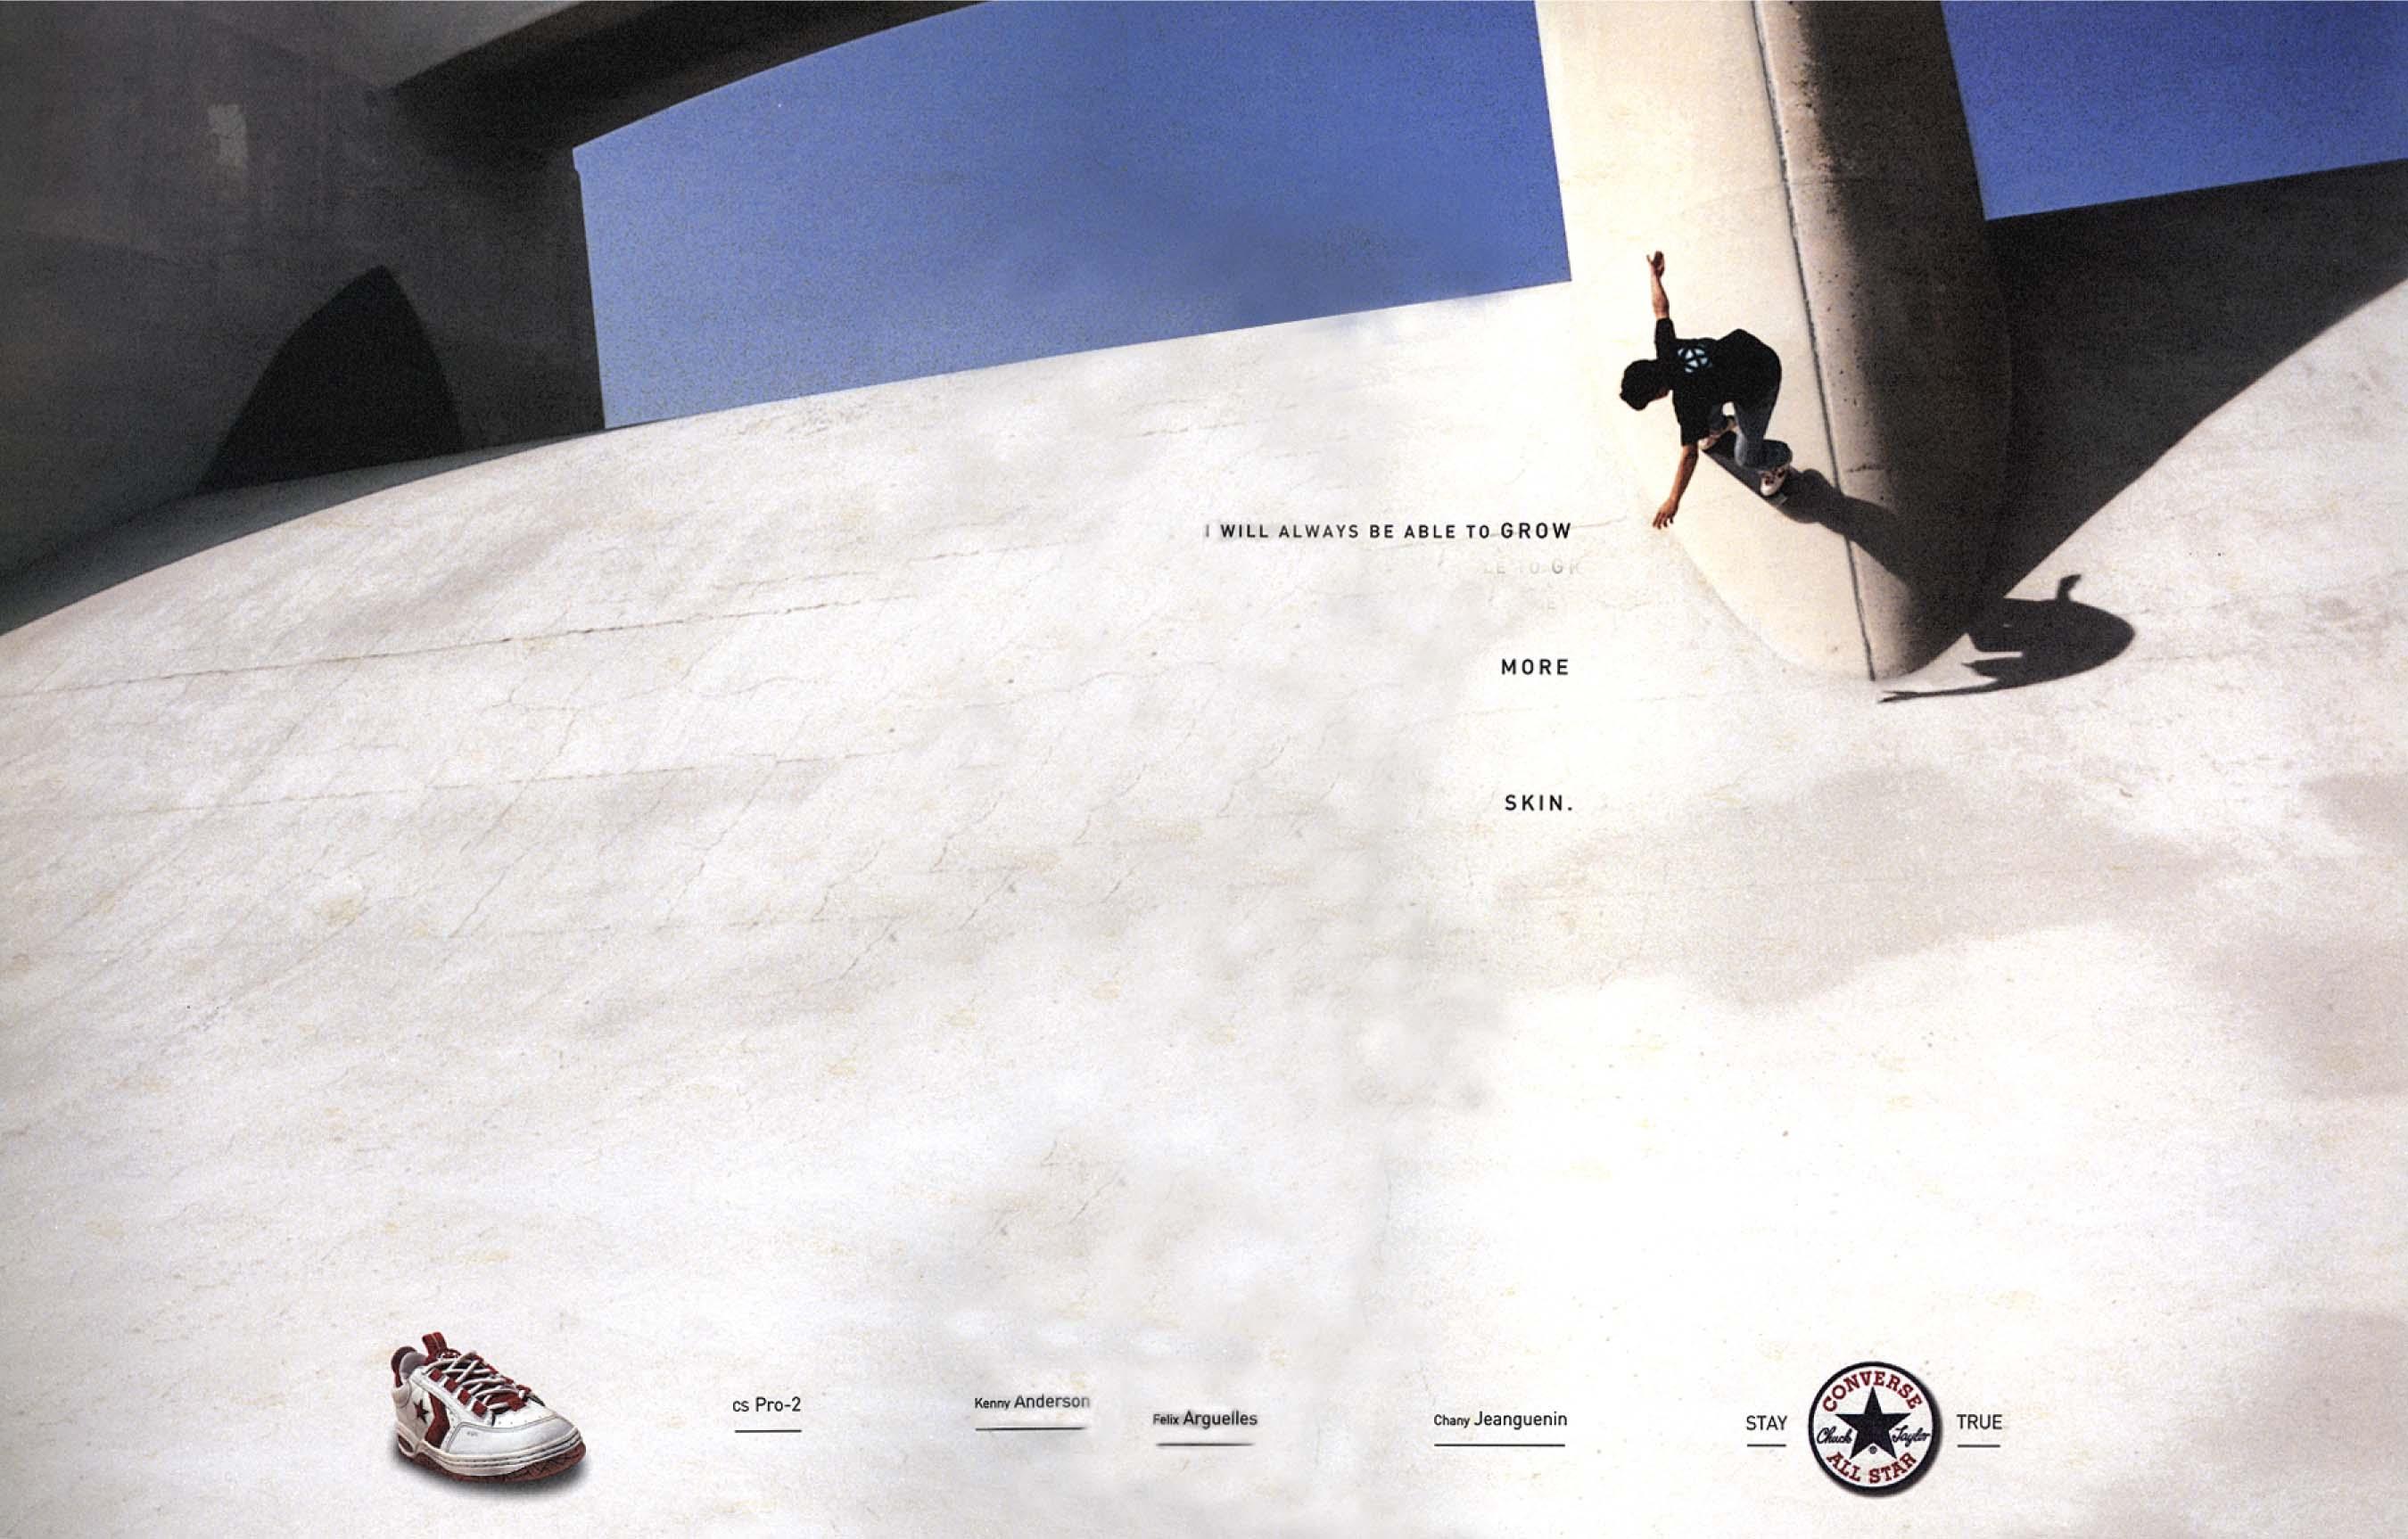 Converse Skate — Skin